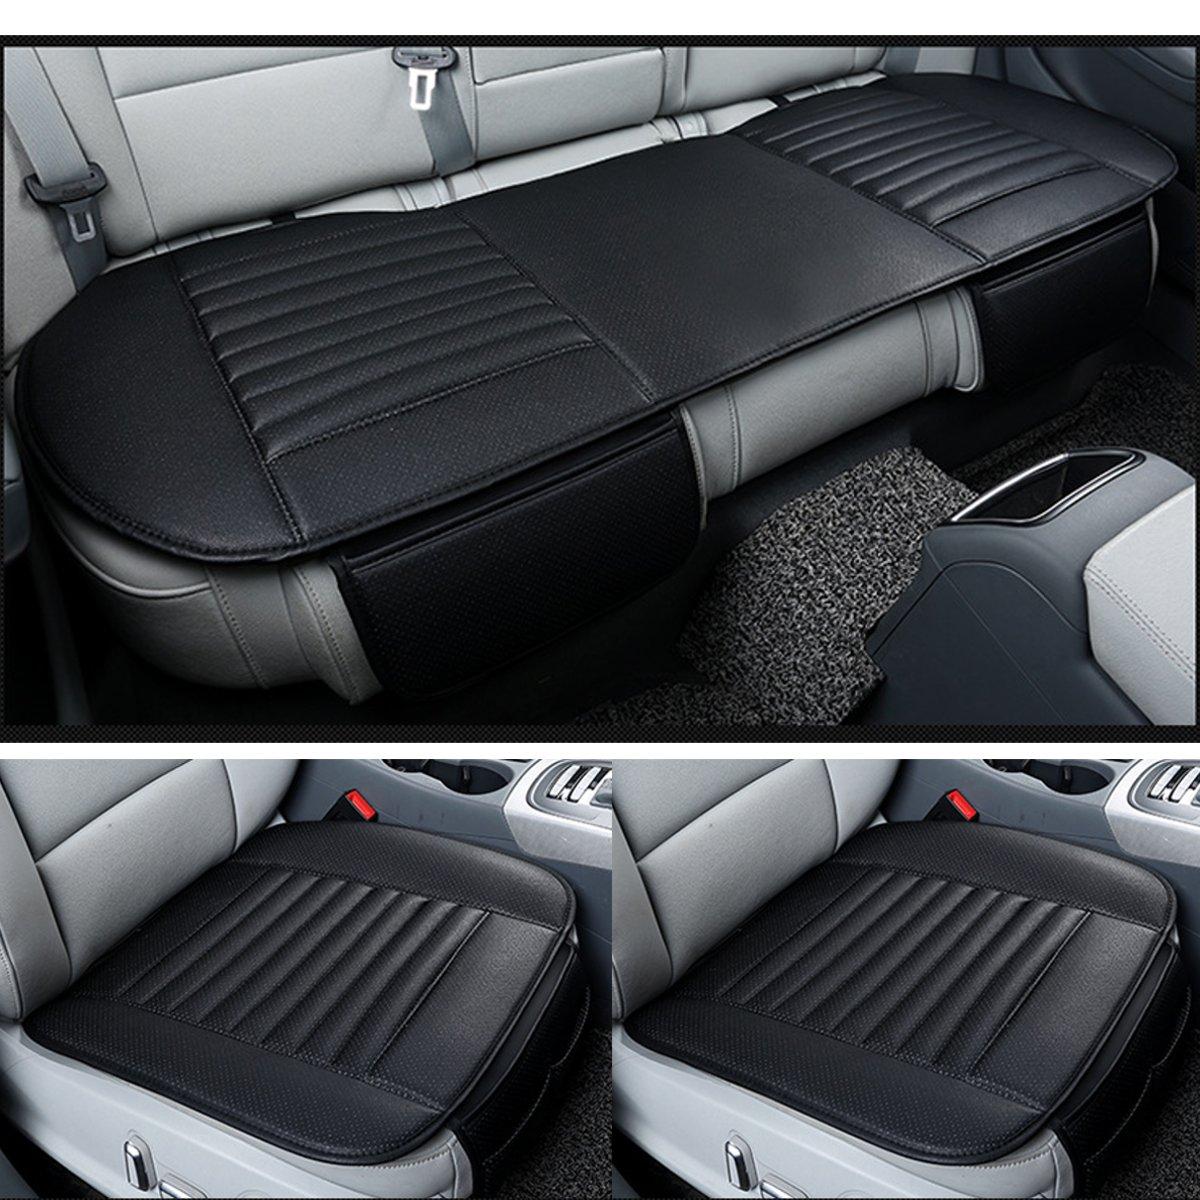 1 Set pour housse de siège de voiture 5 places hiver chaud avant arrière coussin de siège arrière en cuir Pu respirant universel tapis de protection de siège de voiture